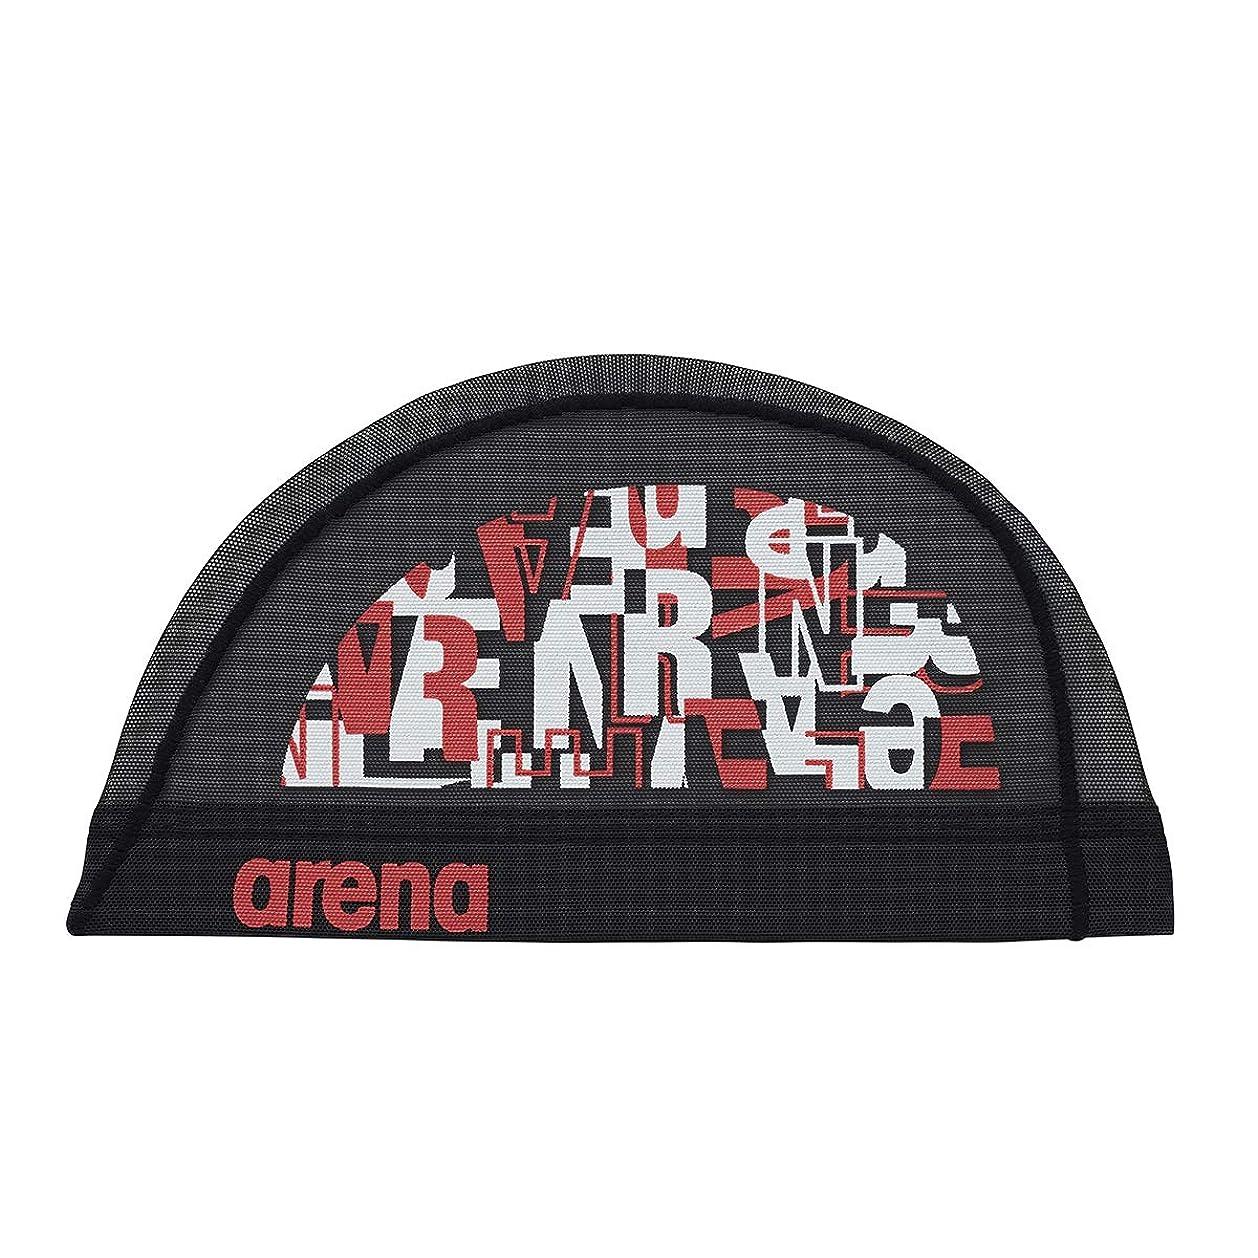 症候群医薬品吸収arena(アリーナ) スイムキャップ スイミングキャップ メッシュ ロゴデザイン FAR-9918